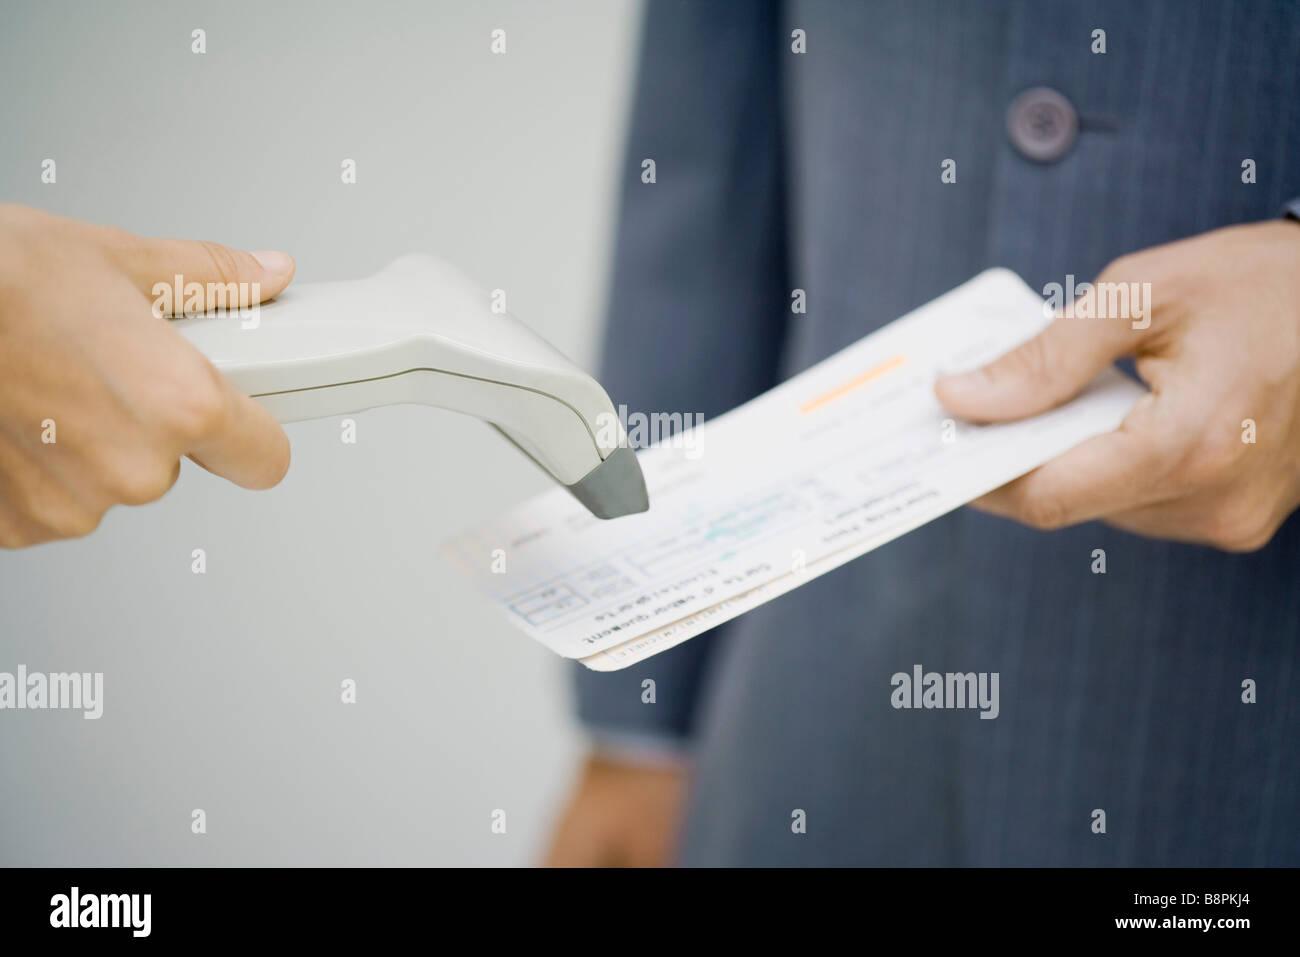 Billets d'avion de l'homme en cours de numérisation Photo Stock